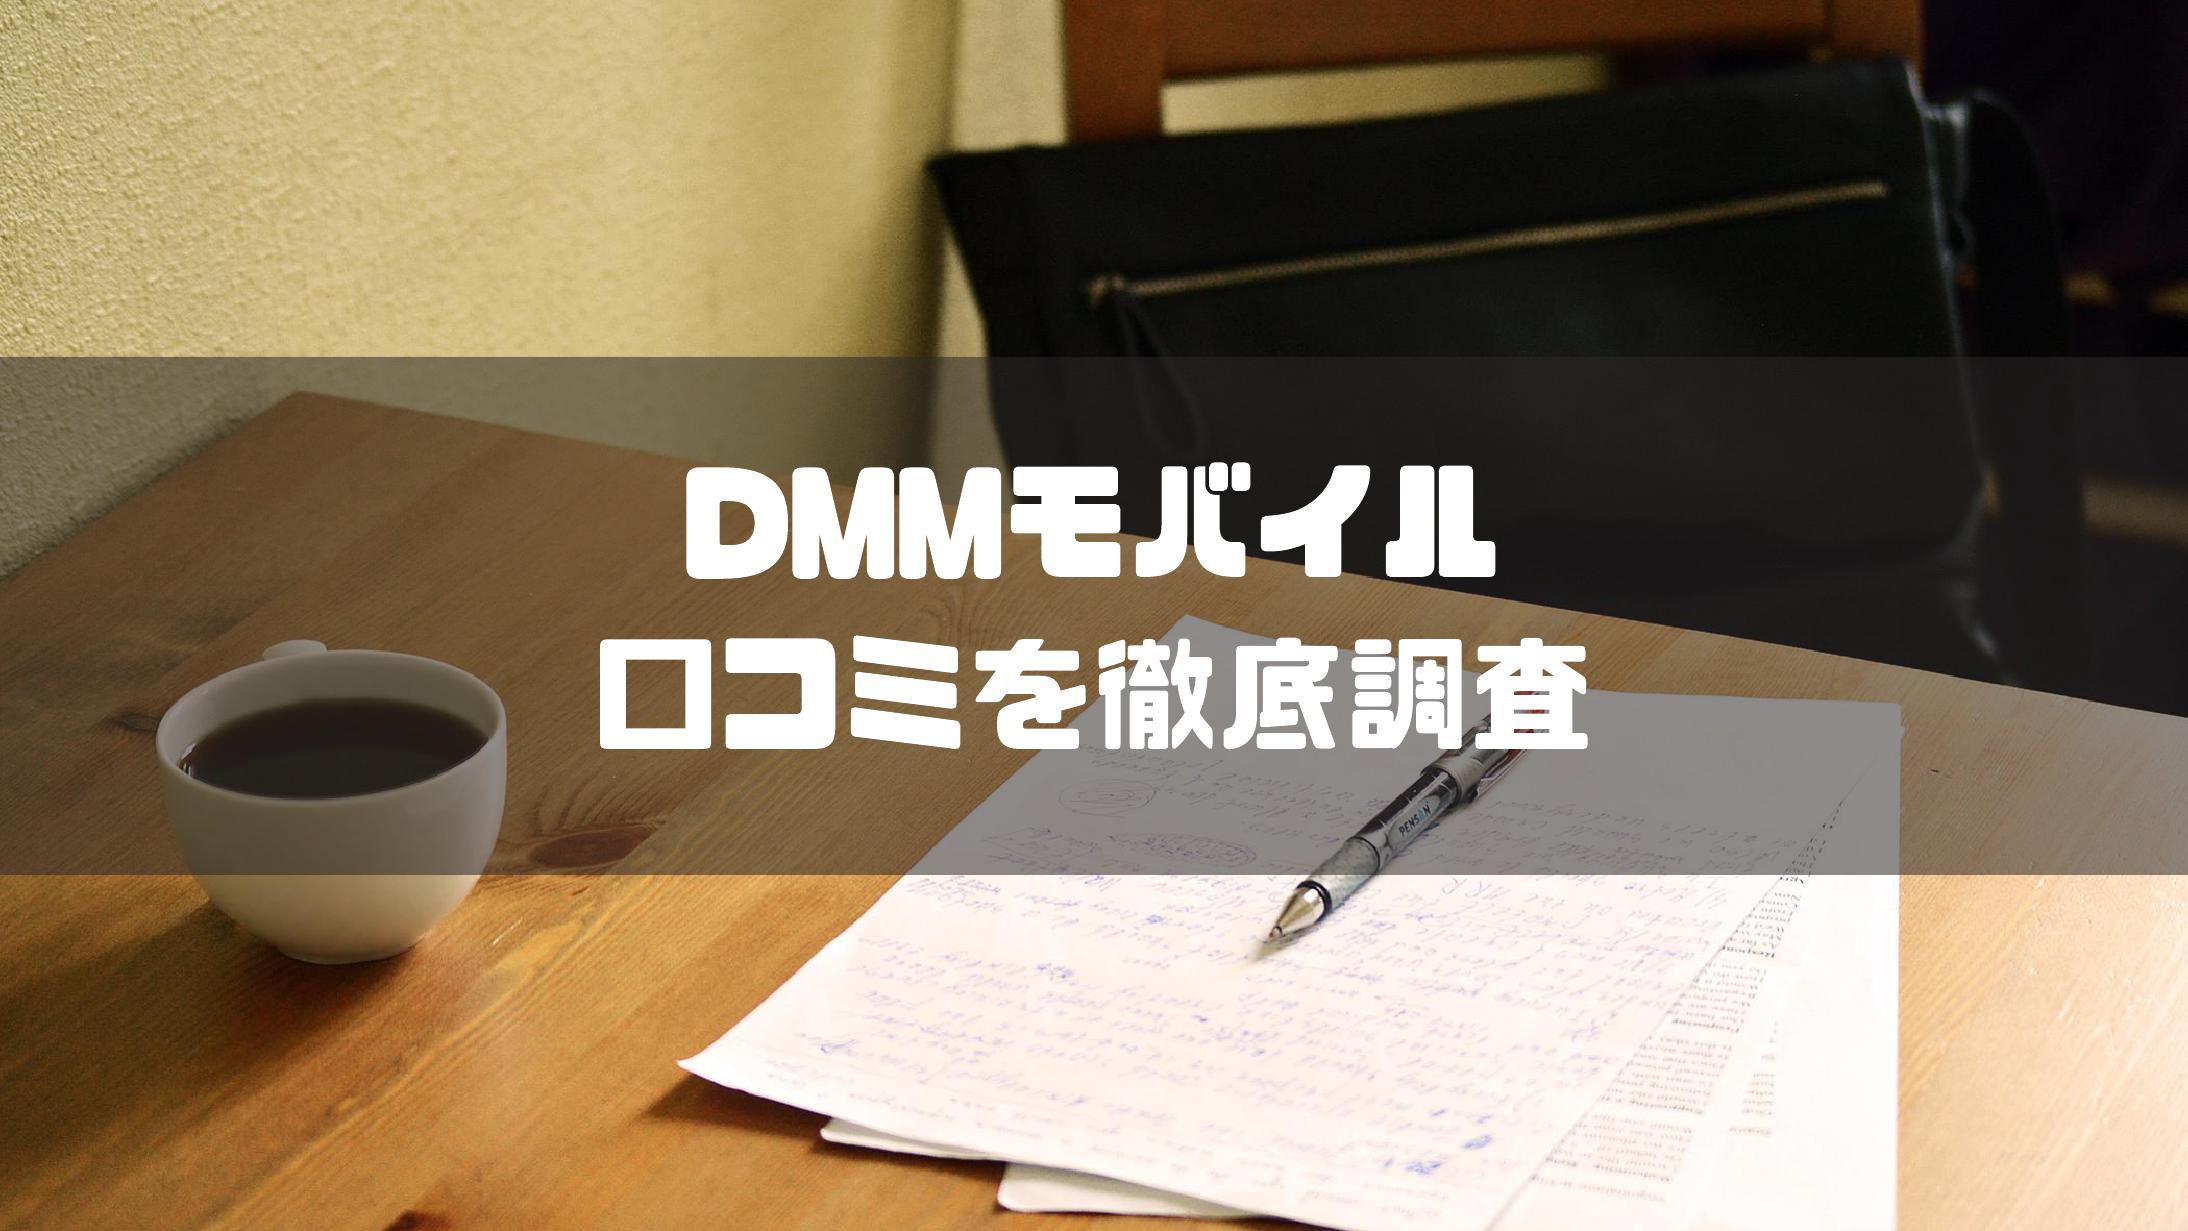 DMMモバイル_DMMモバイル口コミ